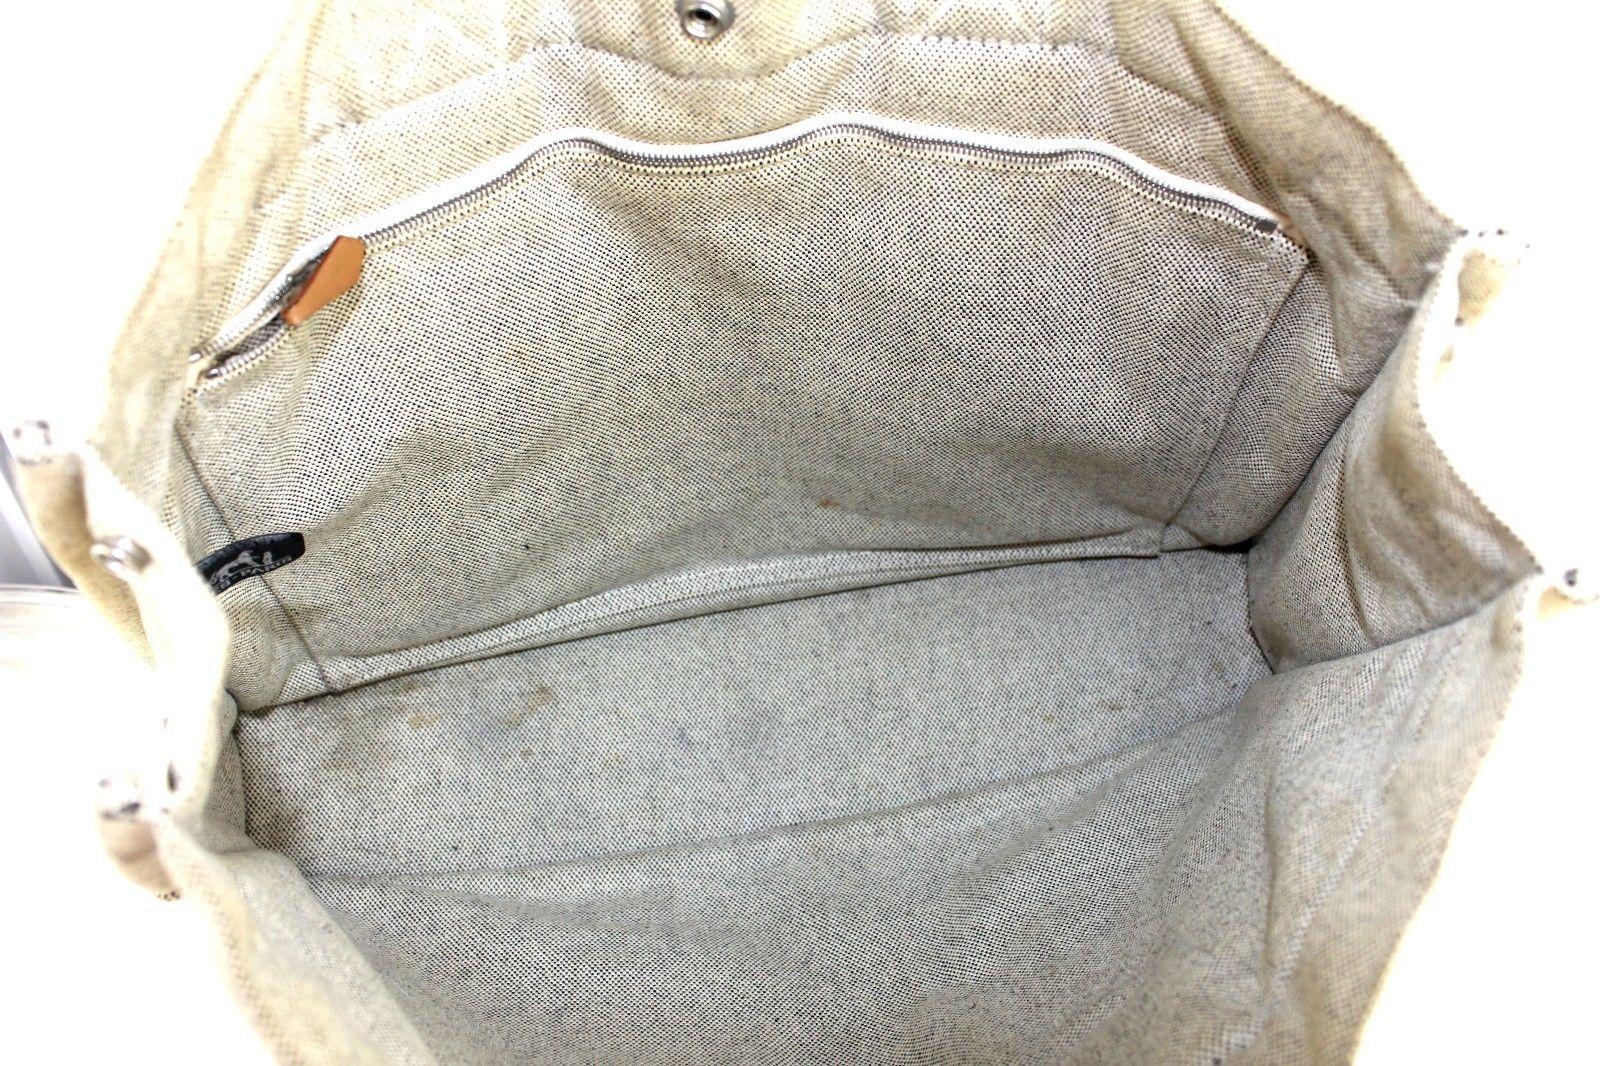 31444a34af63 100% Auth HERMES Paris Fourre Tout MM Beige Canvas Cotton Tote Handbag  France